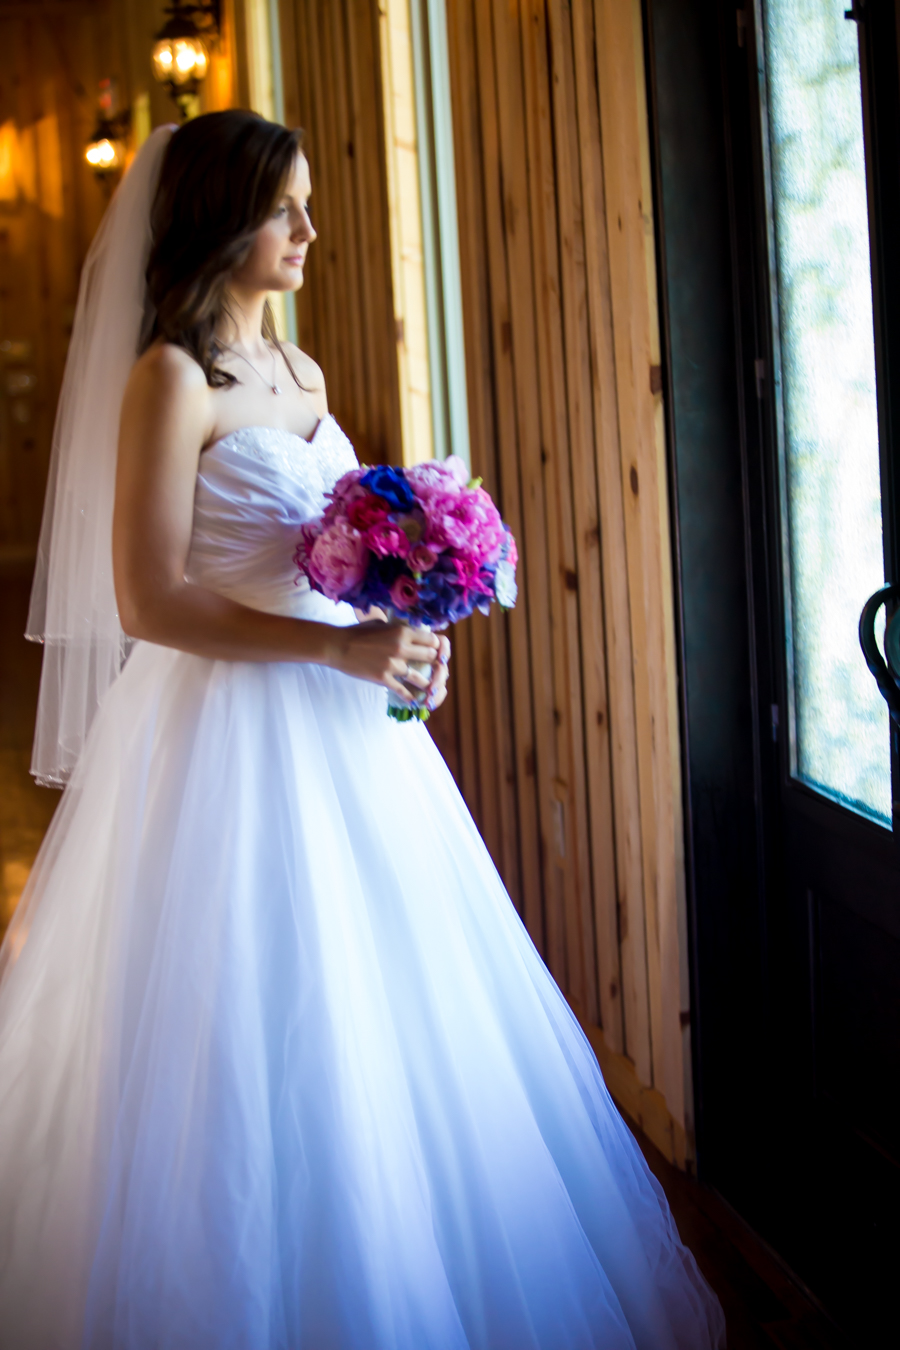 Edmond-wedding-photographer-36.jpg